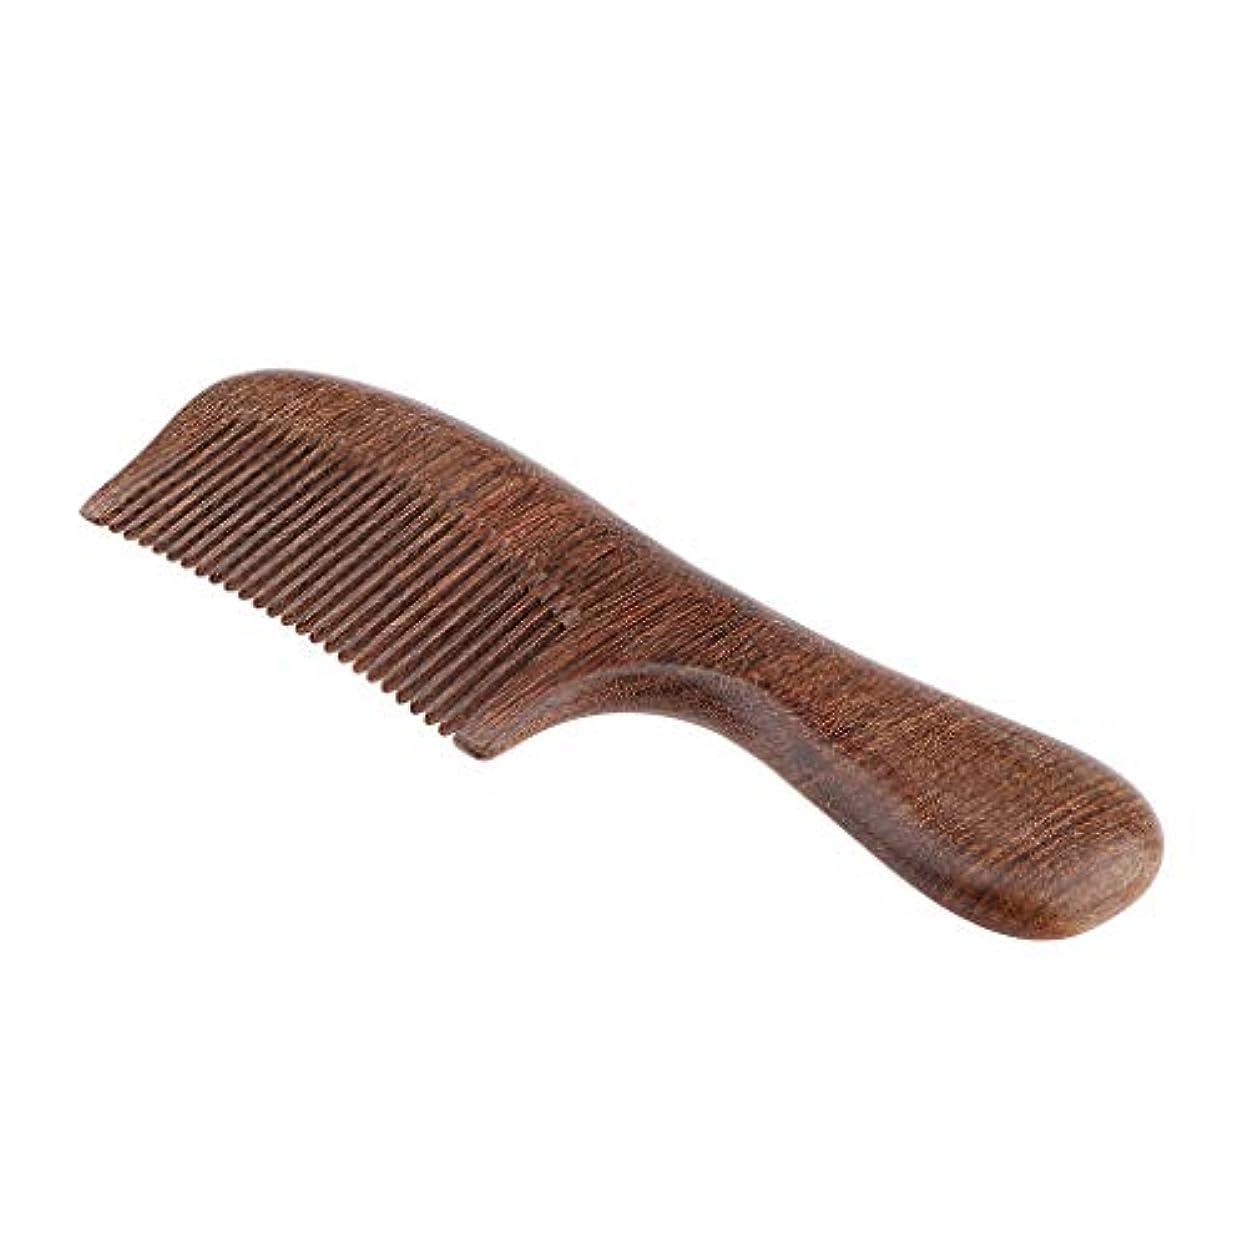 発明する言う砂利木製櫛 ヘアブラシ ウッドコーム